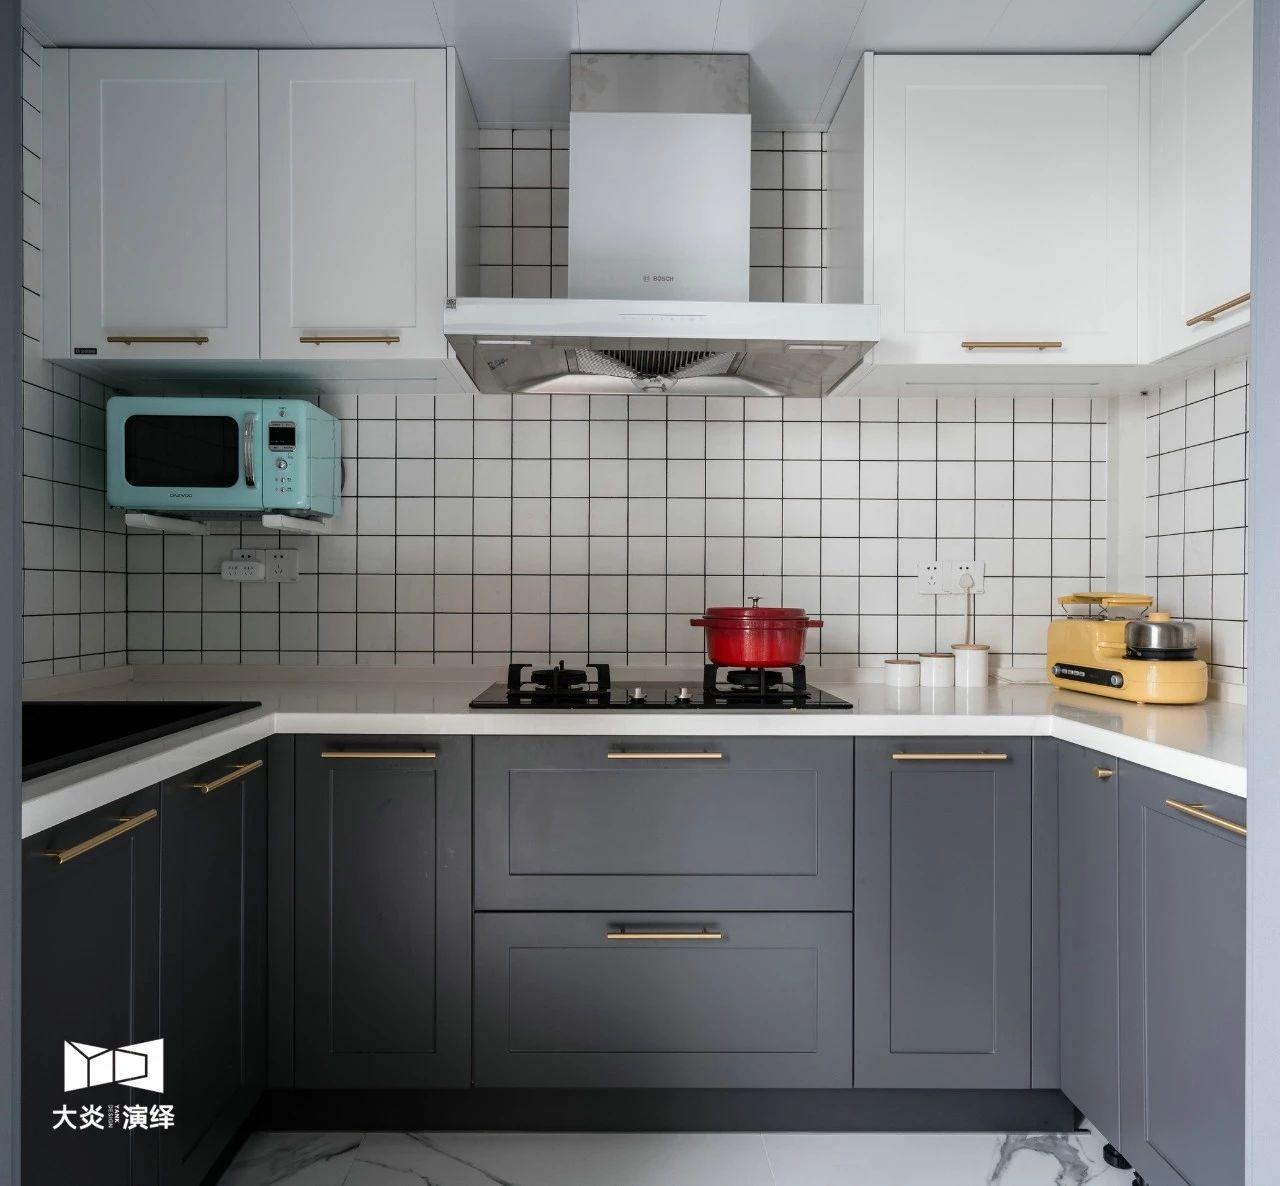 148㎡简约现代风厨房装修效果图